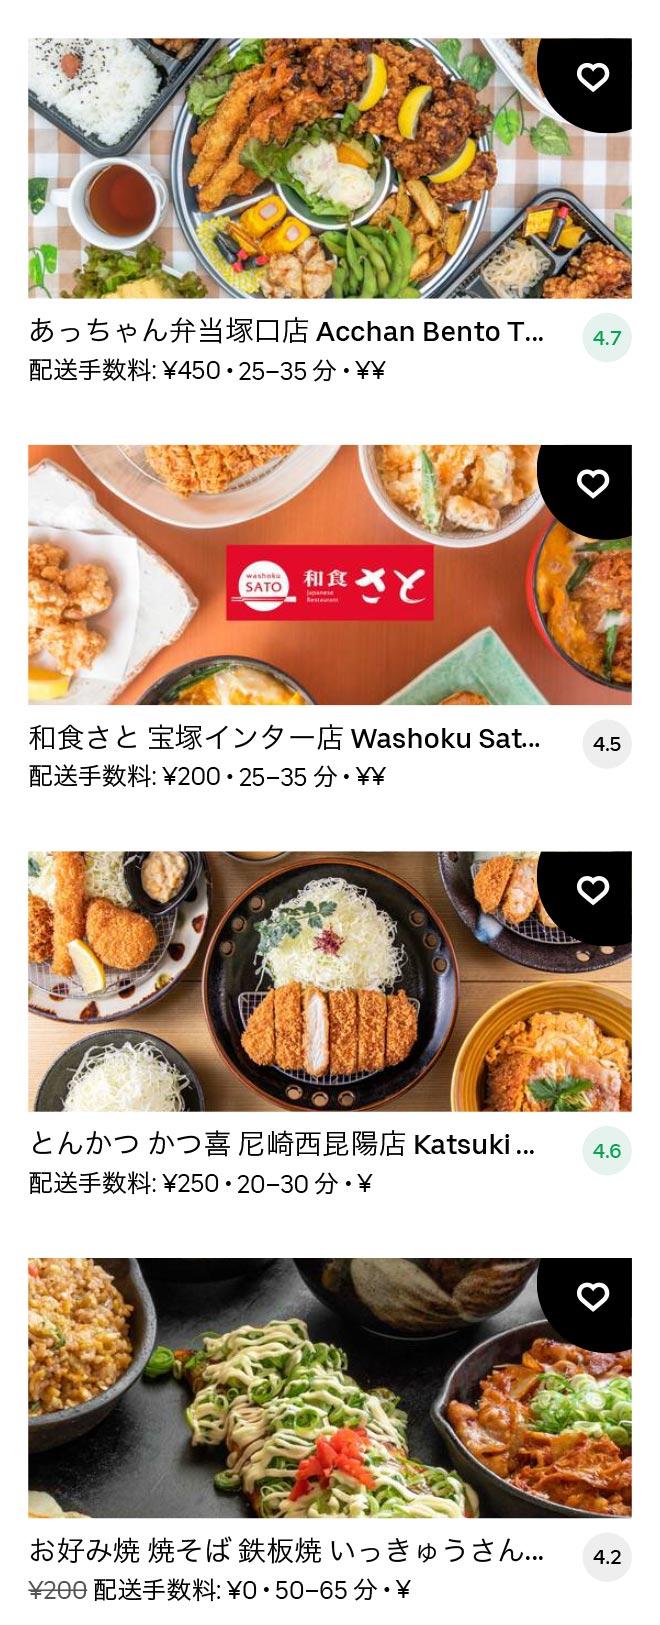 Itami nakano menu 2011 09